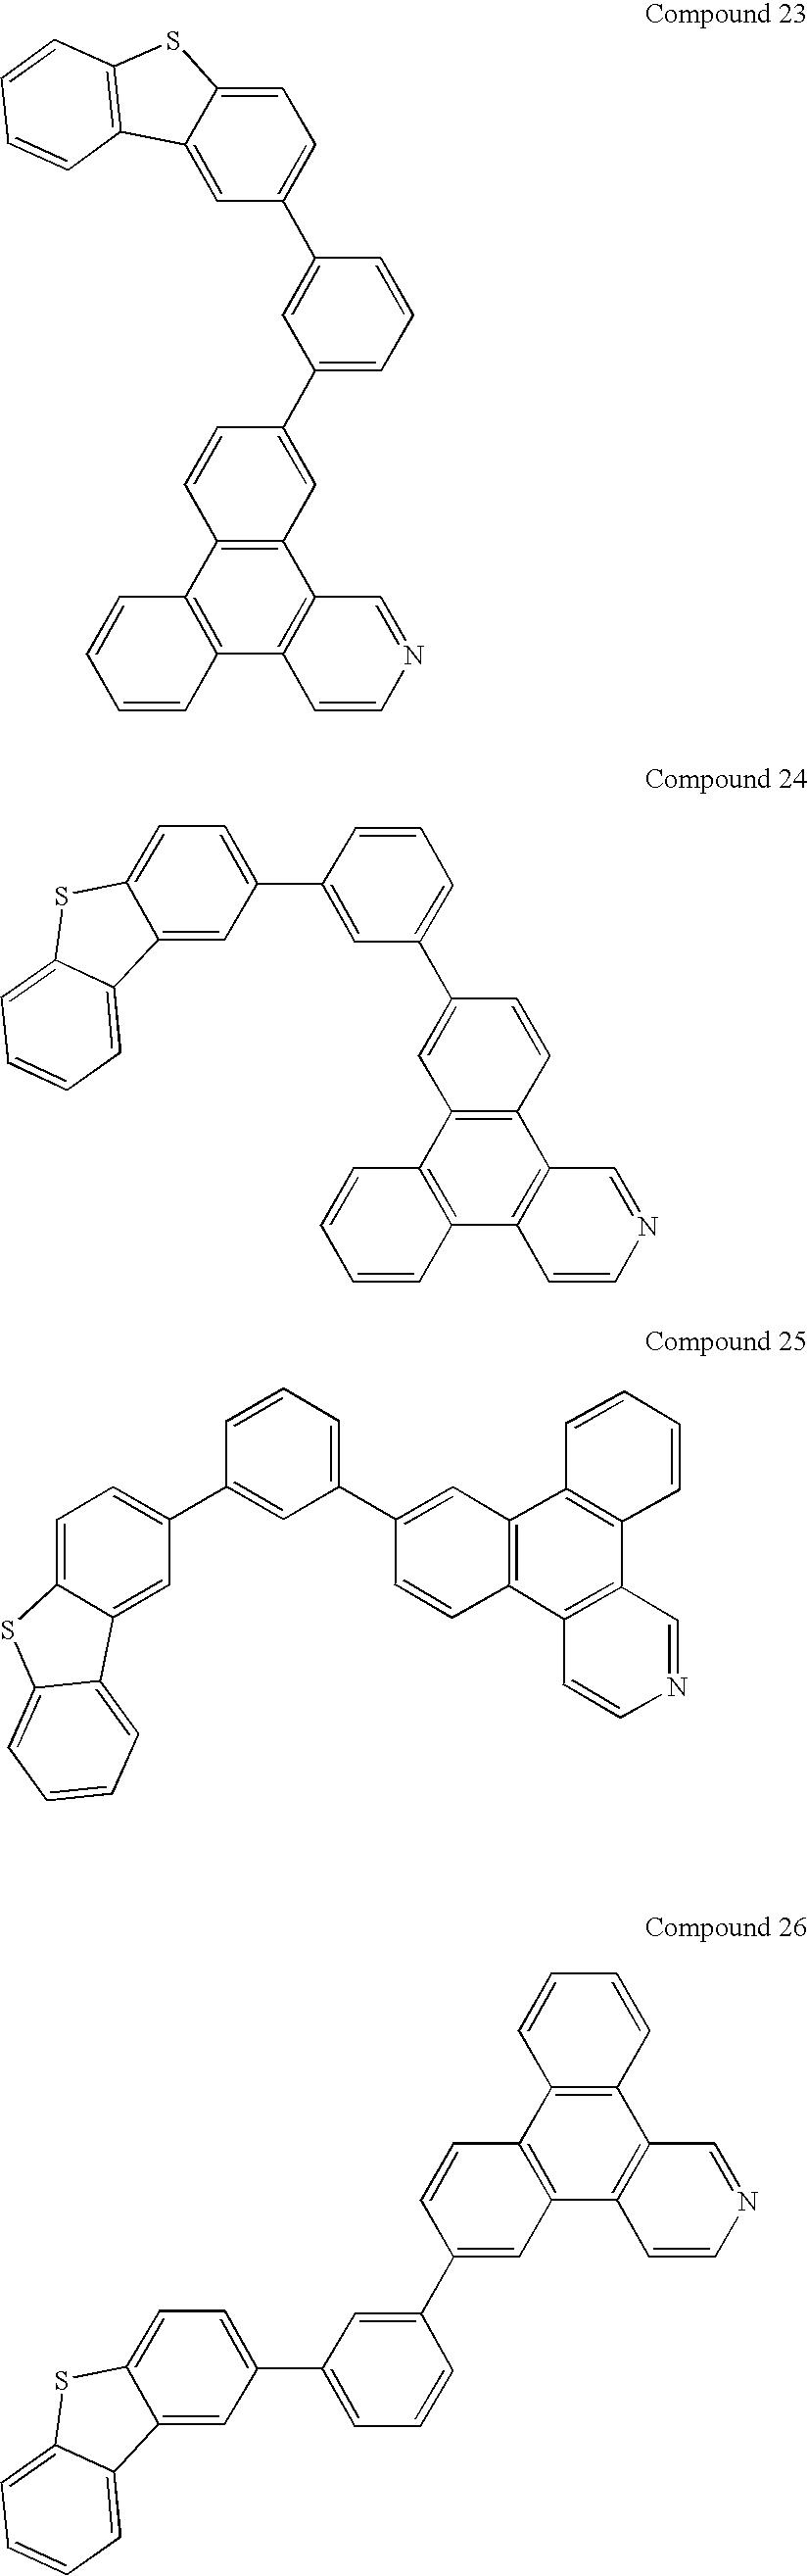 Figure US20100289406A1-20101118-C00036